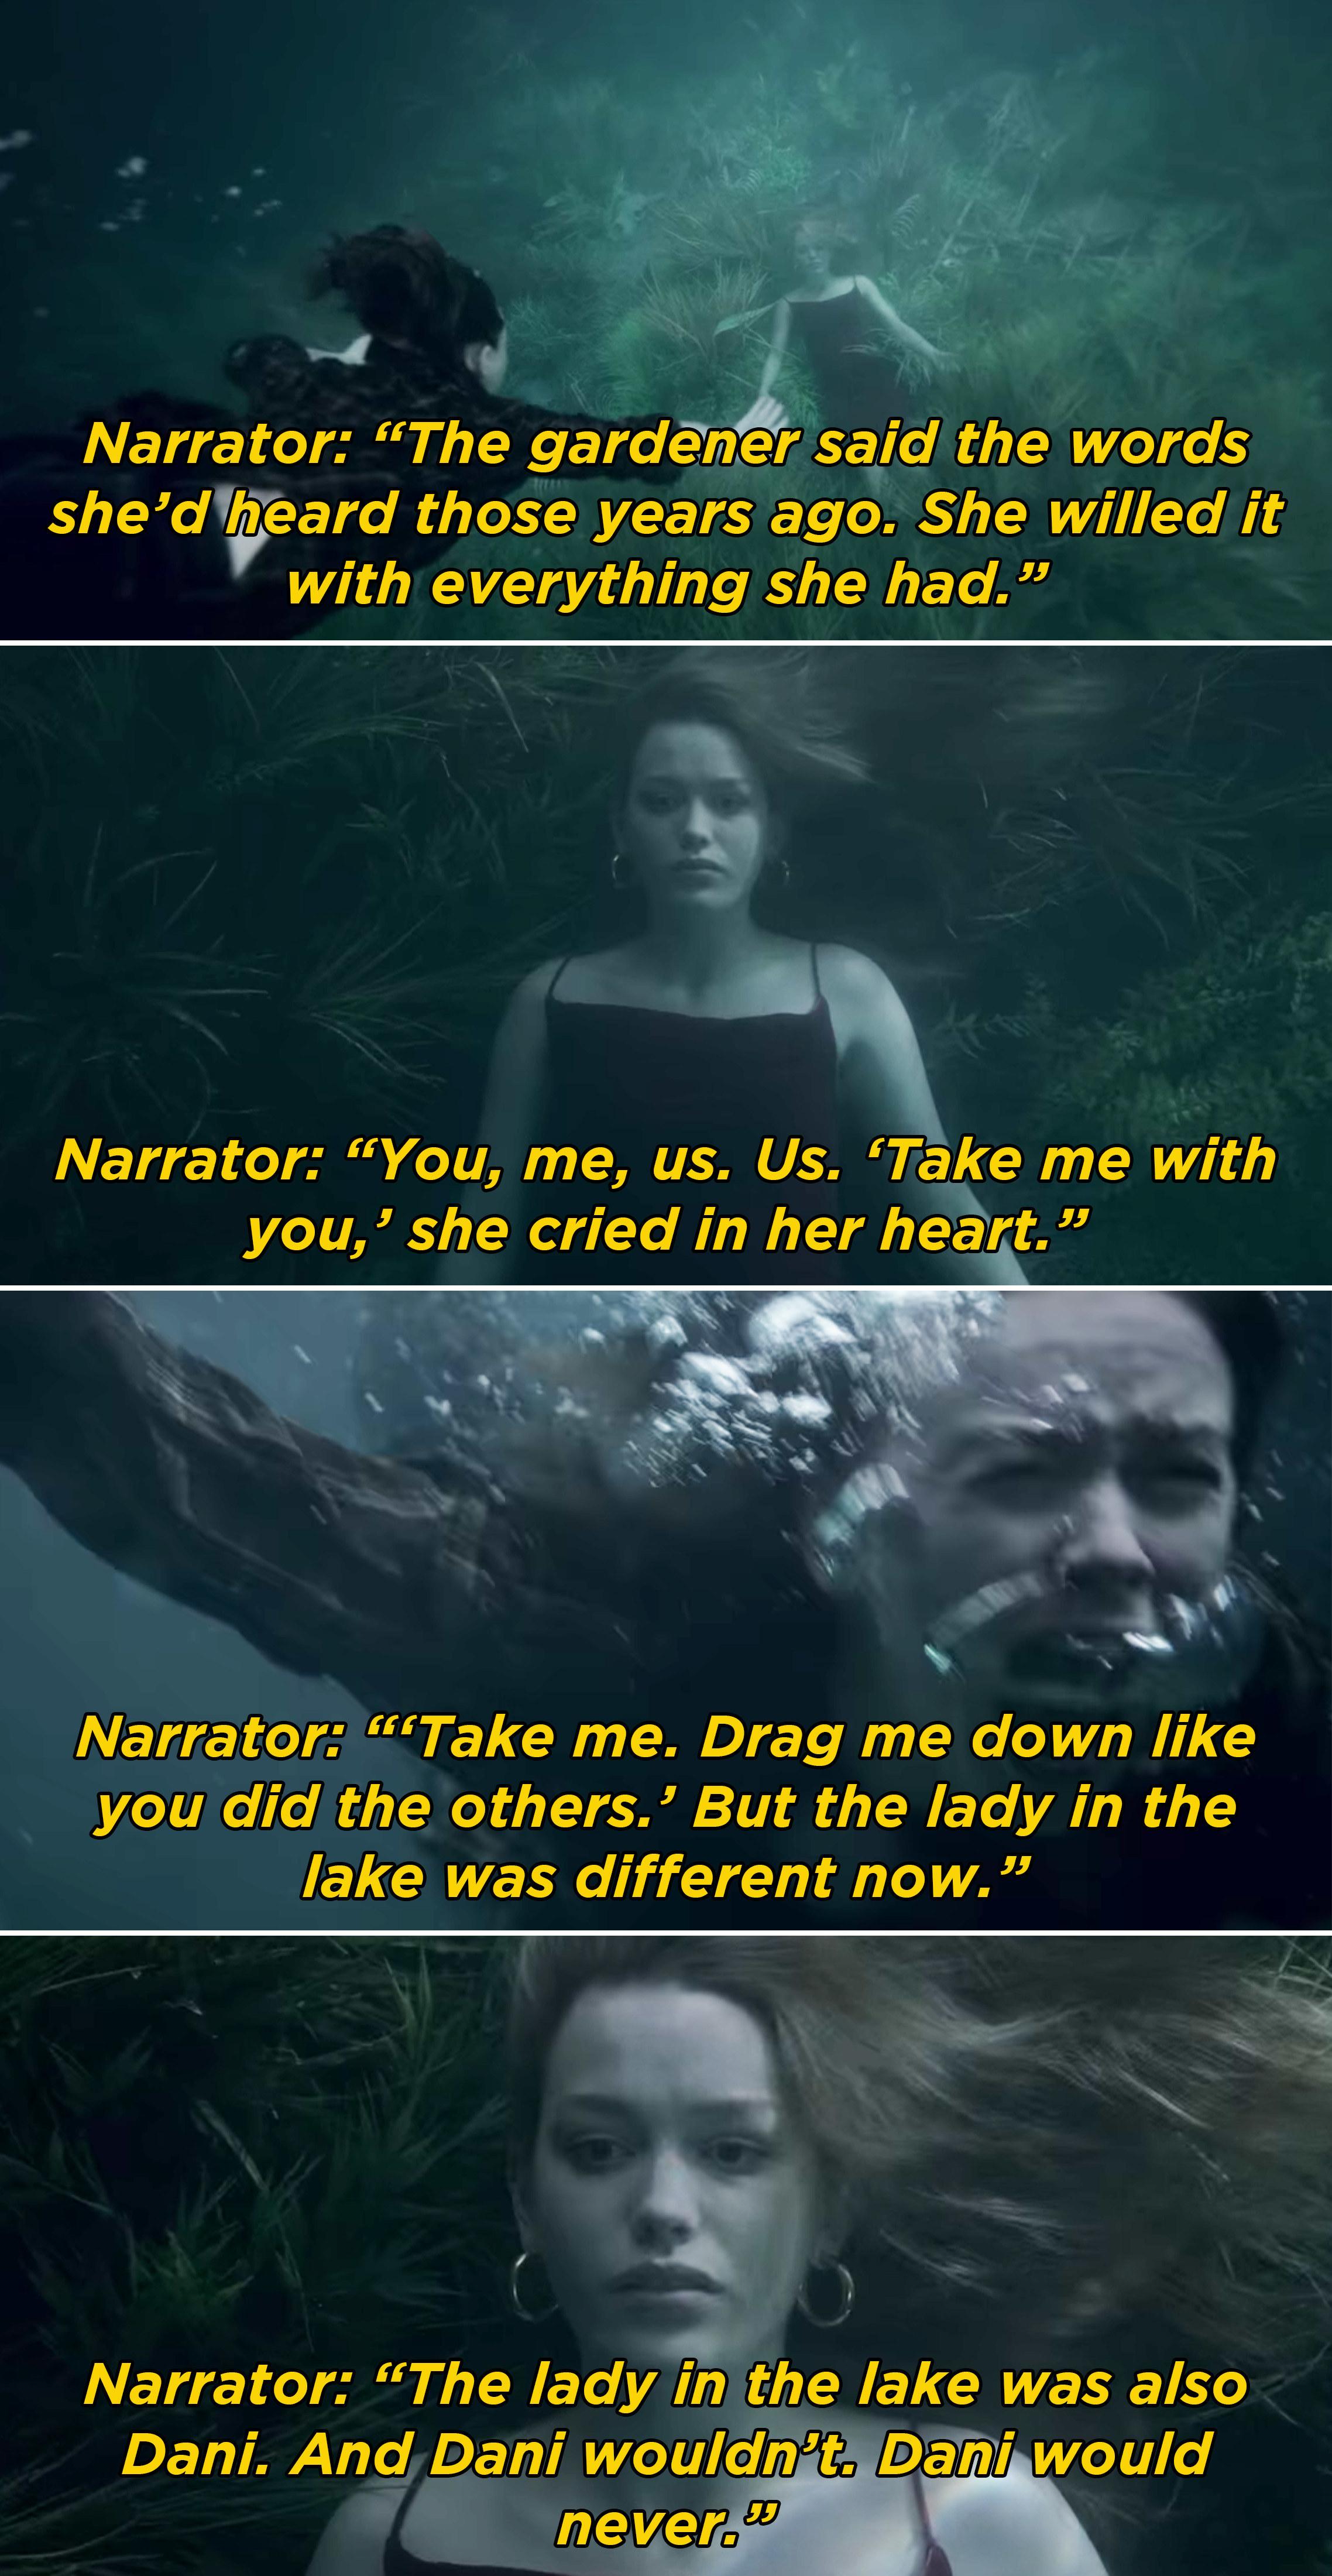 The narrator saying that Jamie begged Dani to take her, but Dani didn't